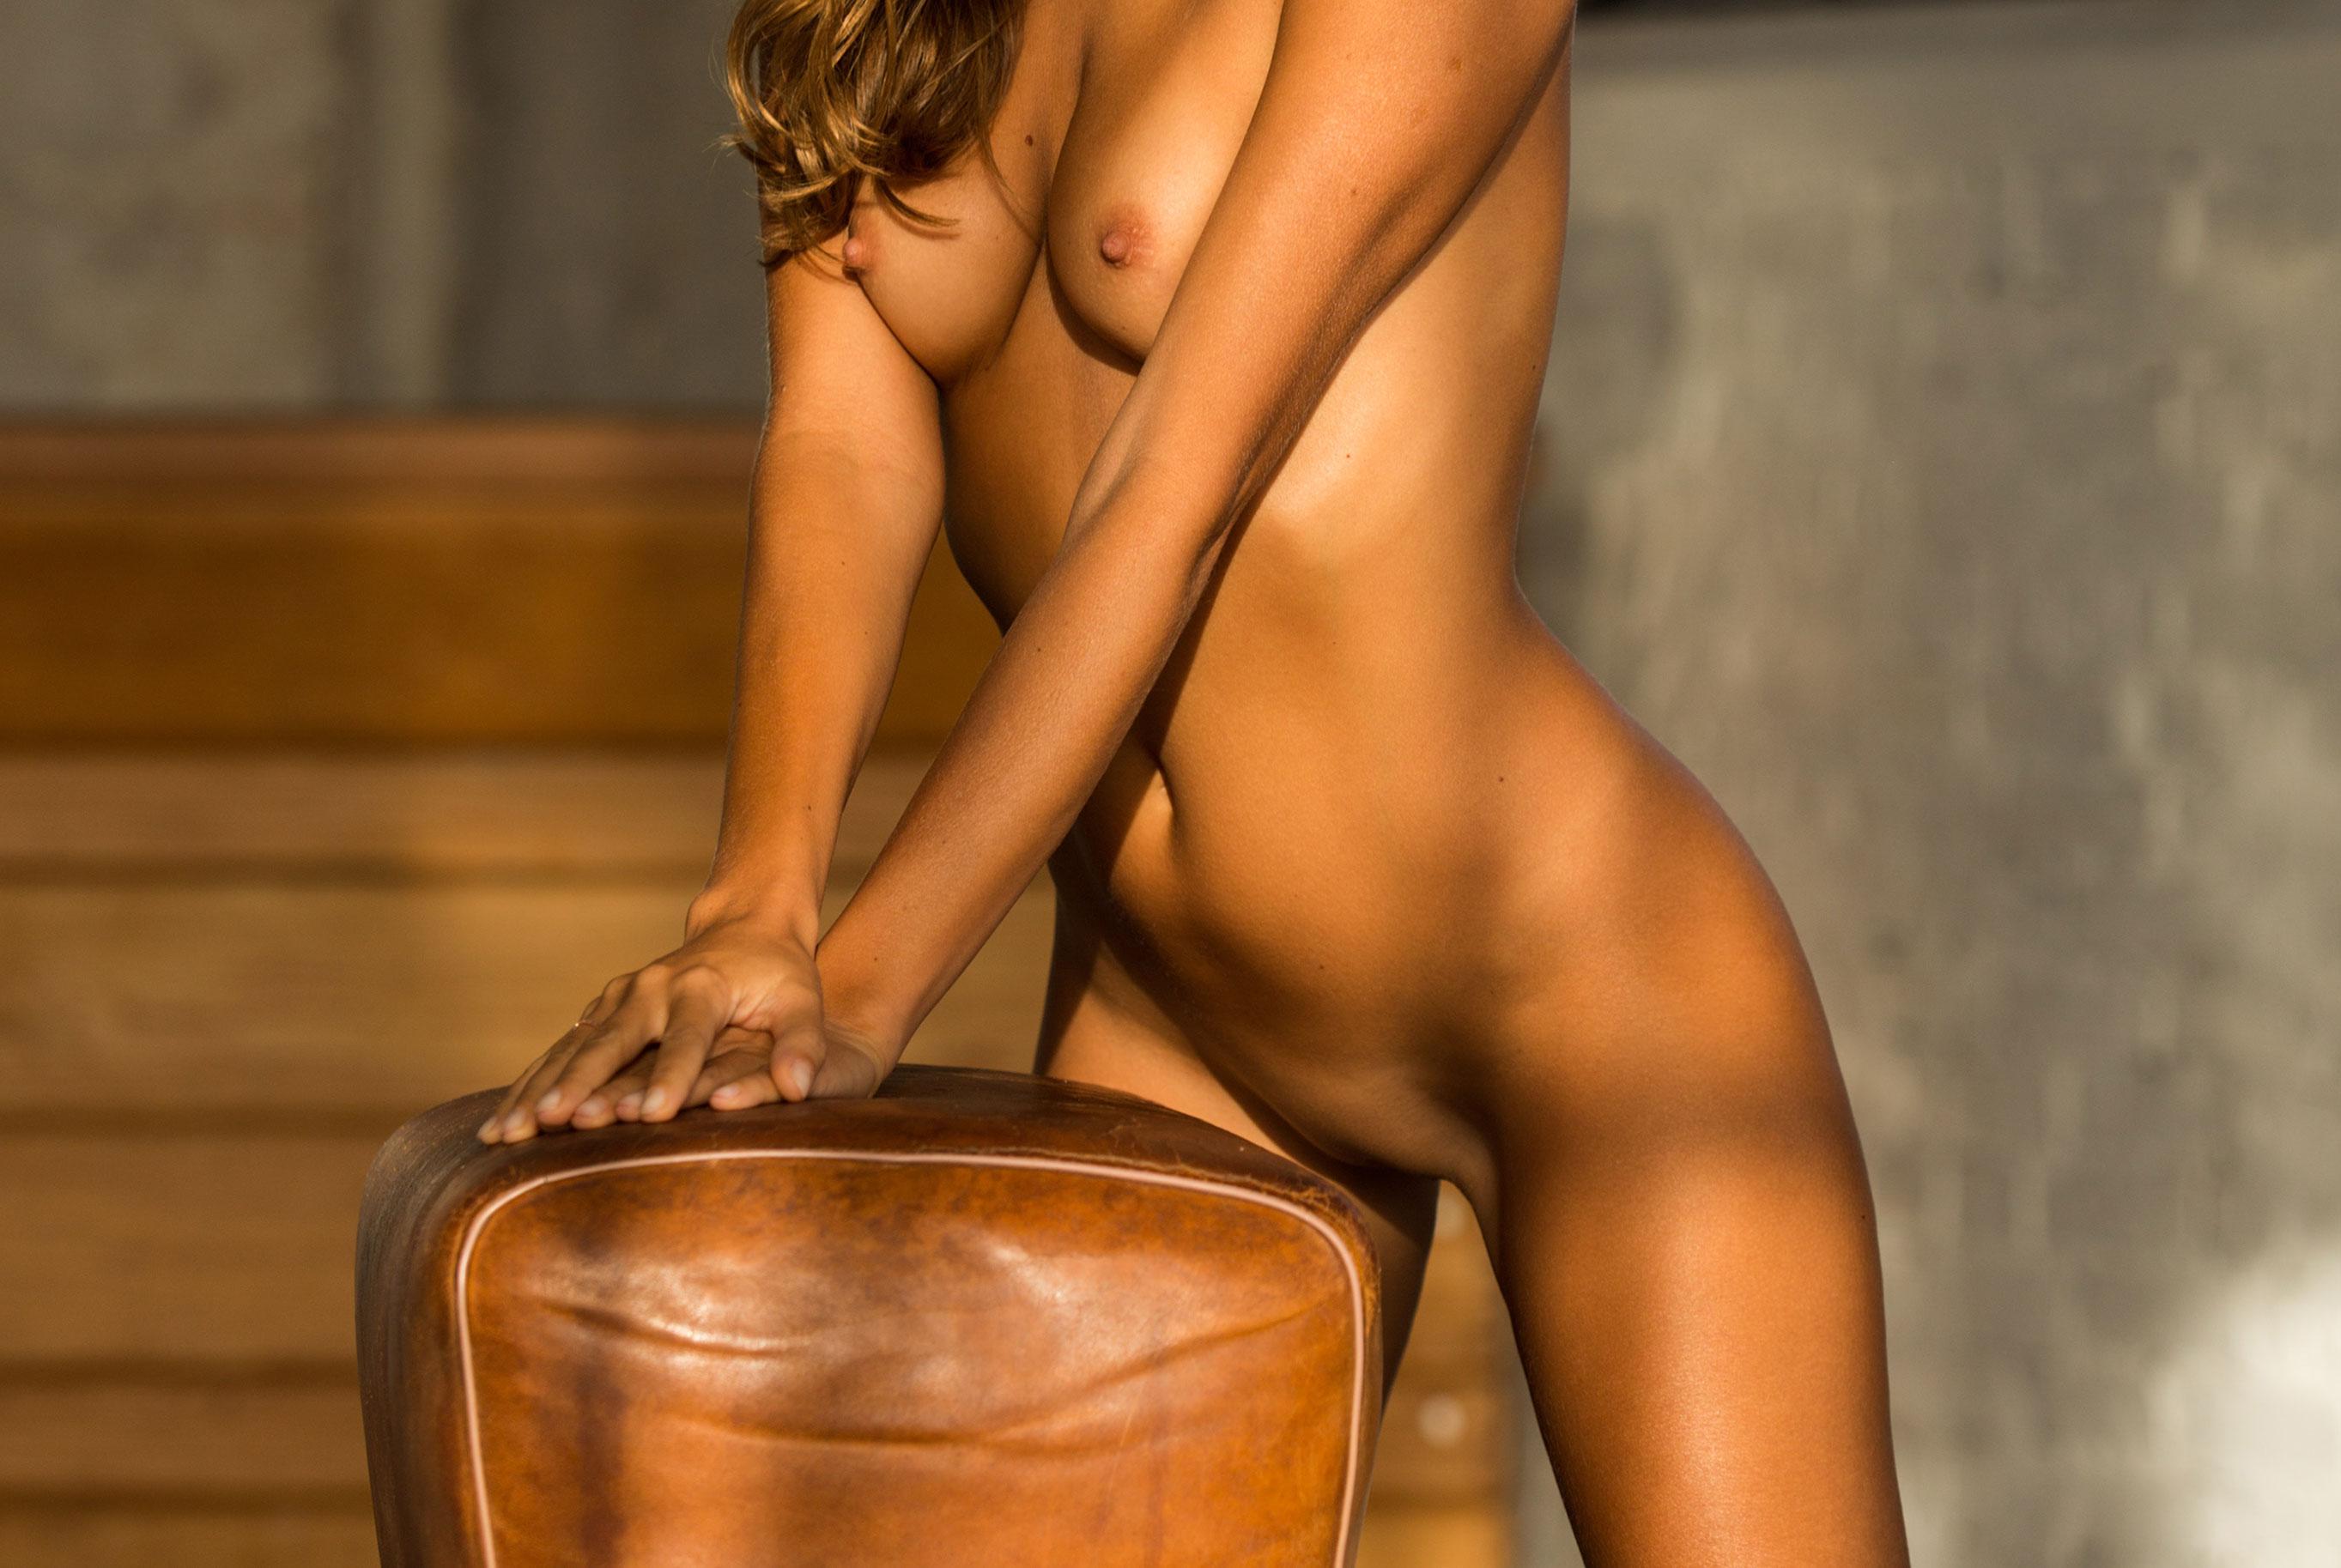 голая Катя Кловер занимается гимнастикой в спортзале / фото 14